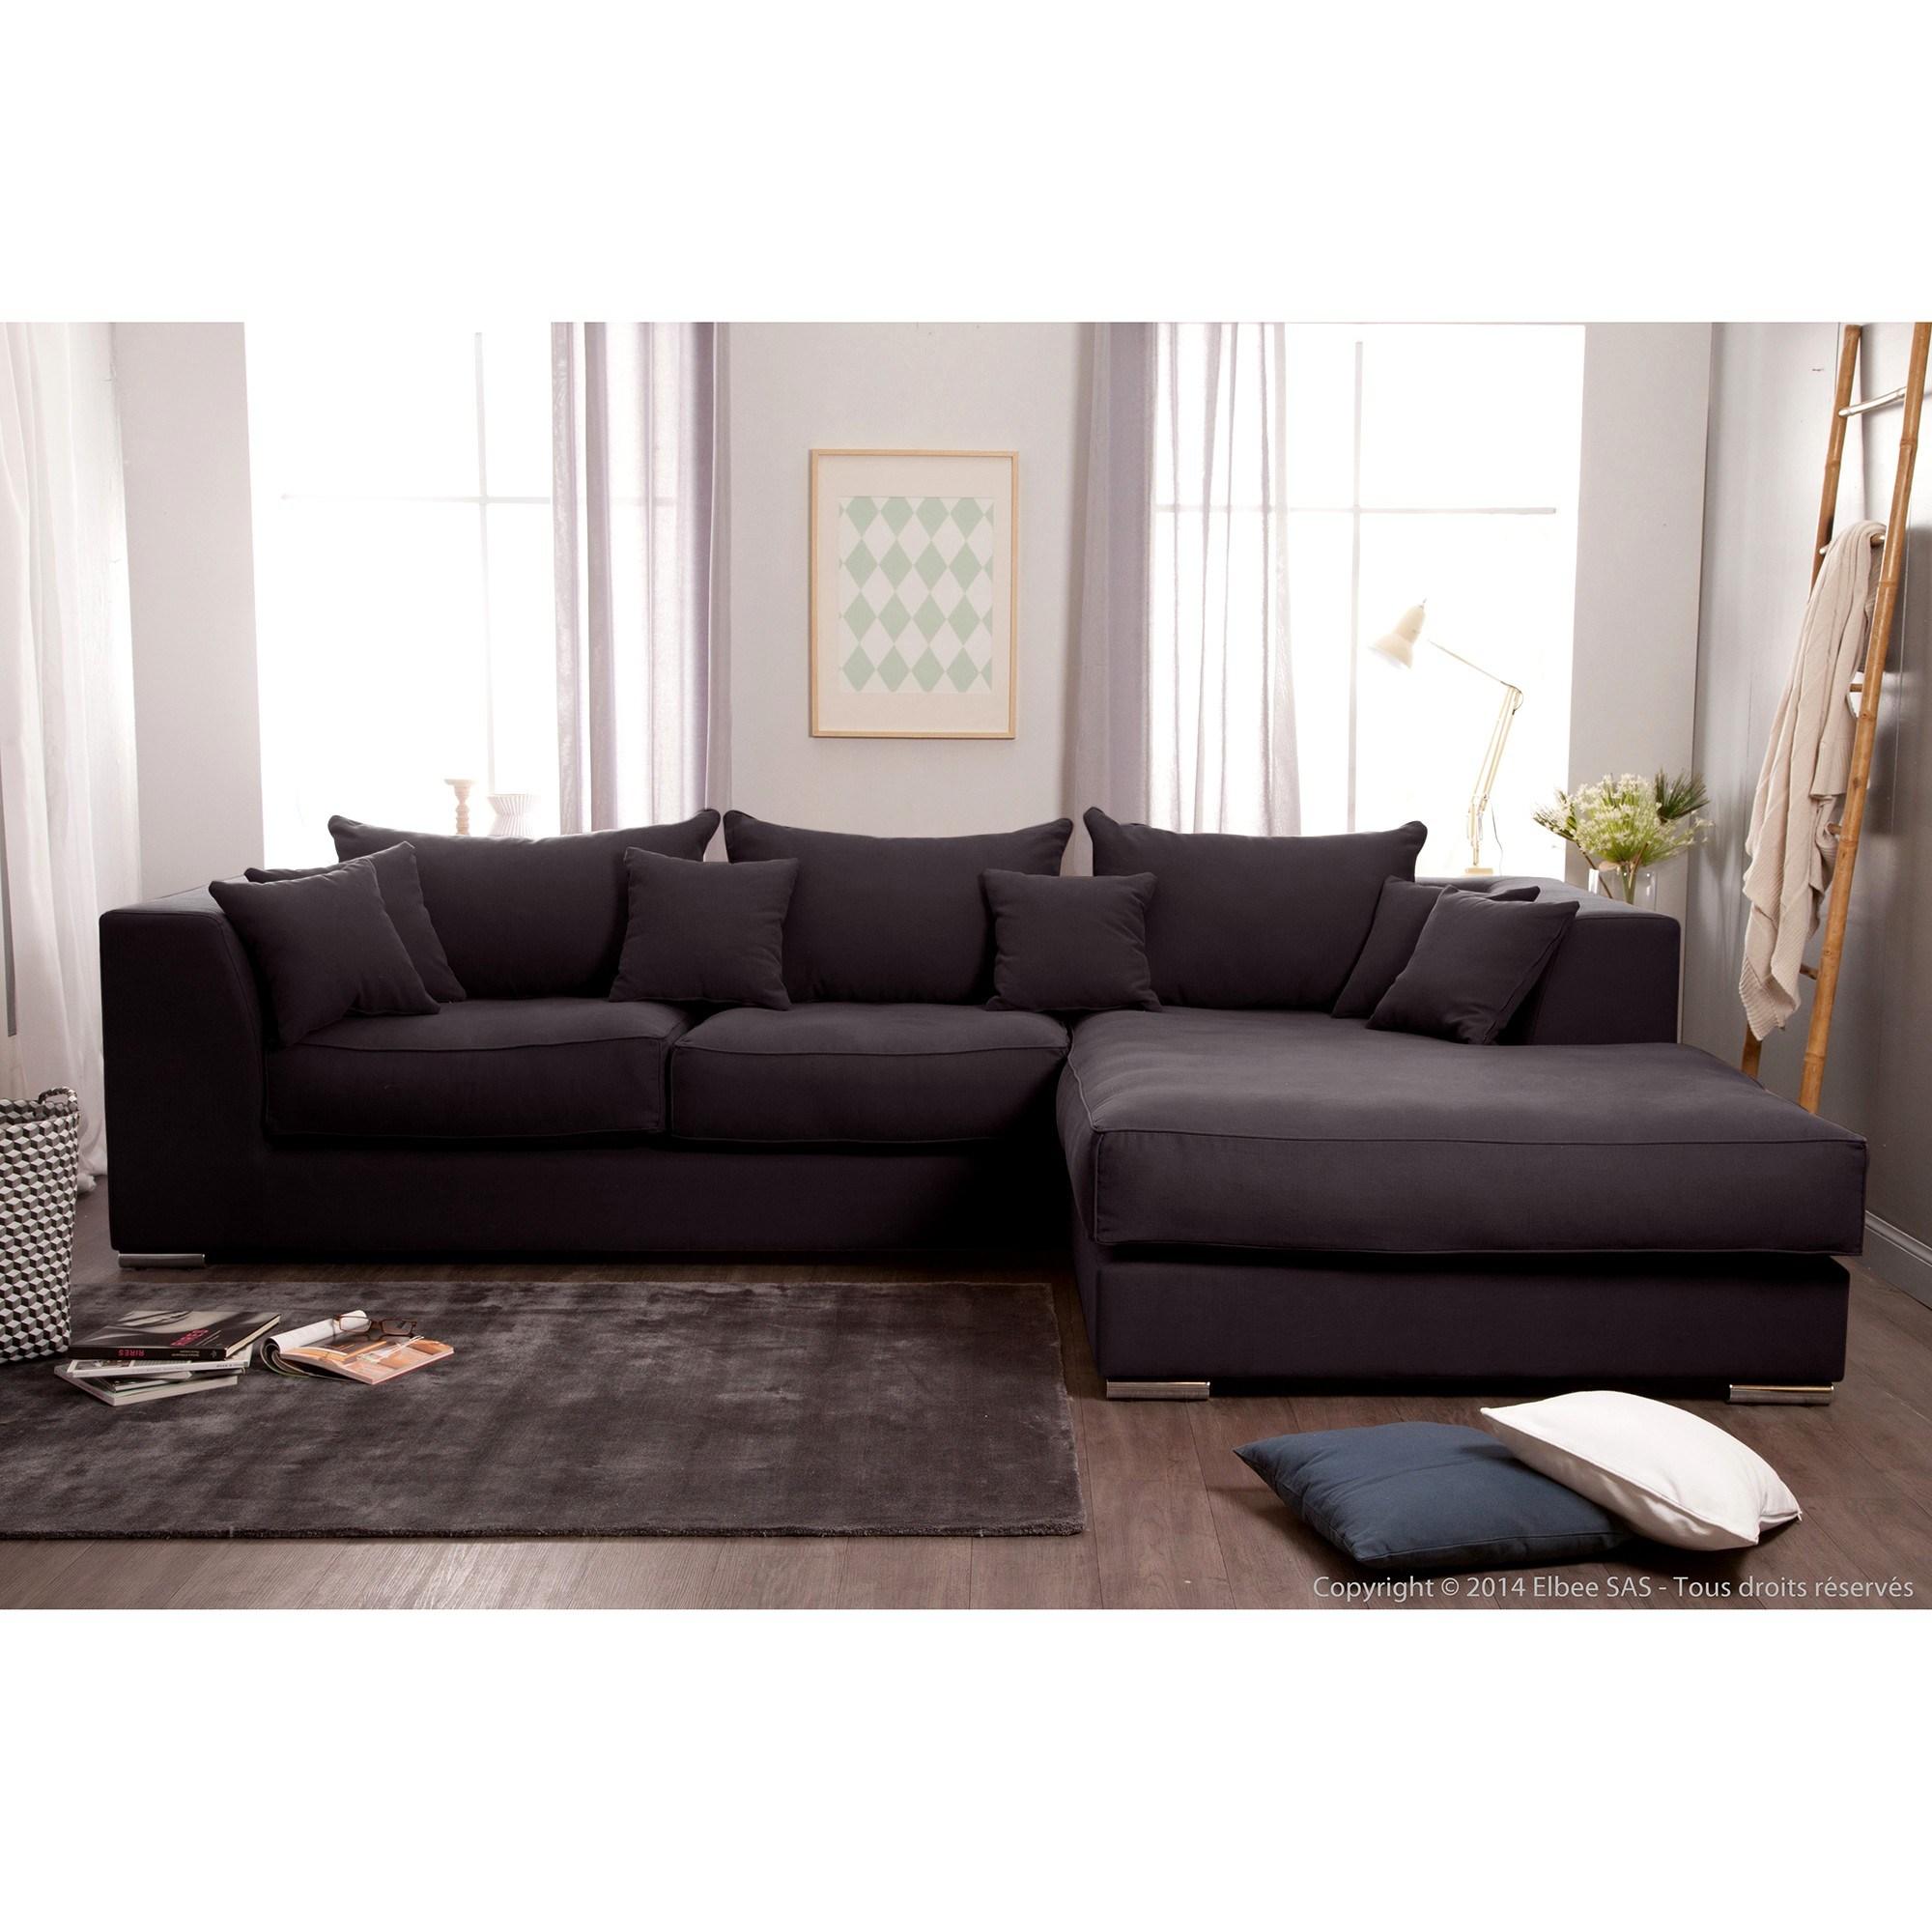 Canapé d'angle noir et blanc simili cuir